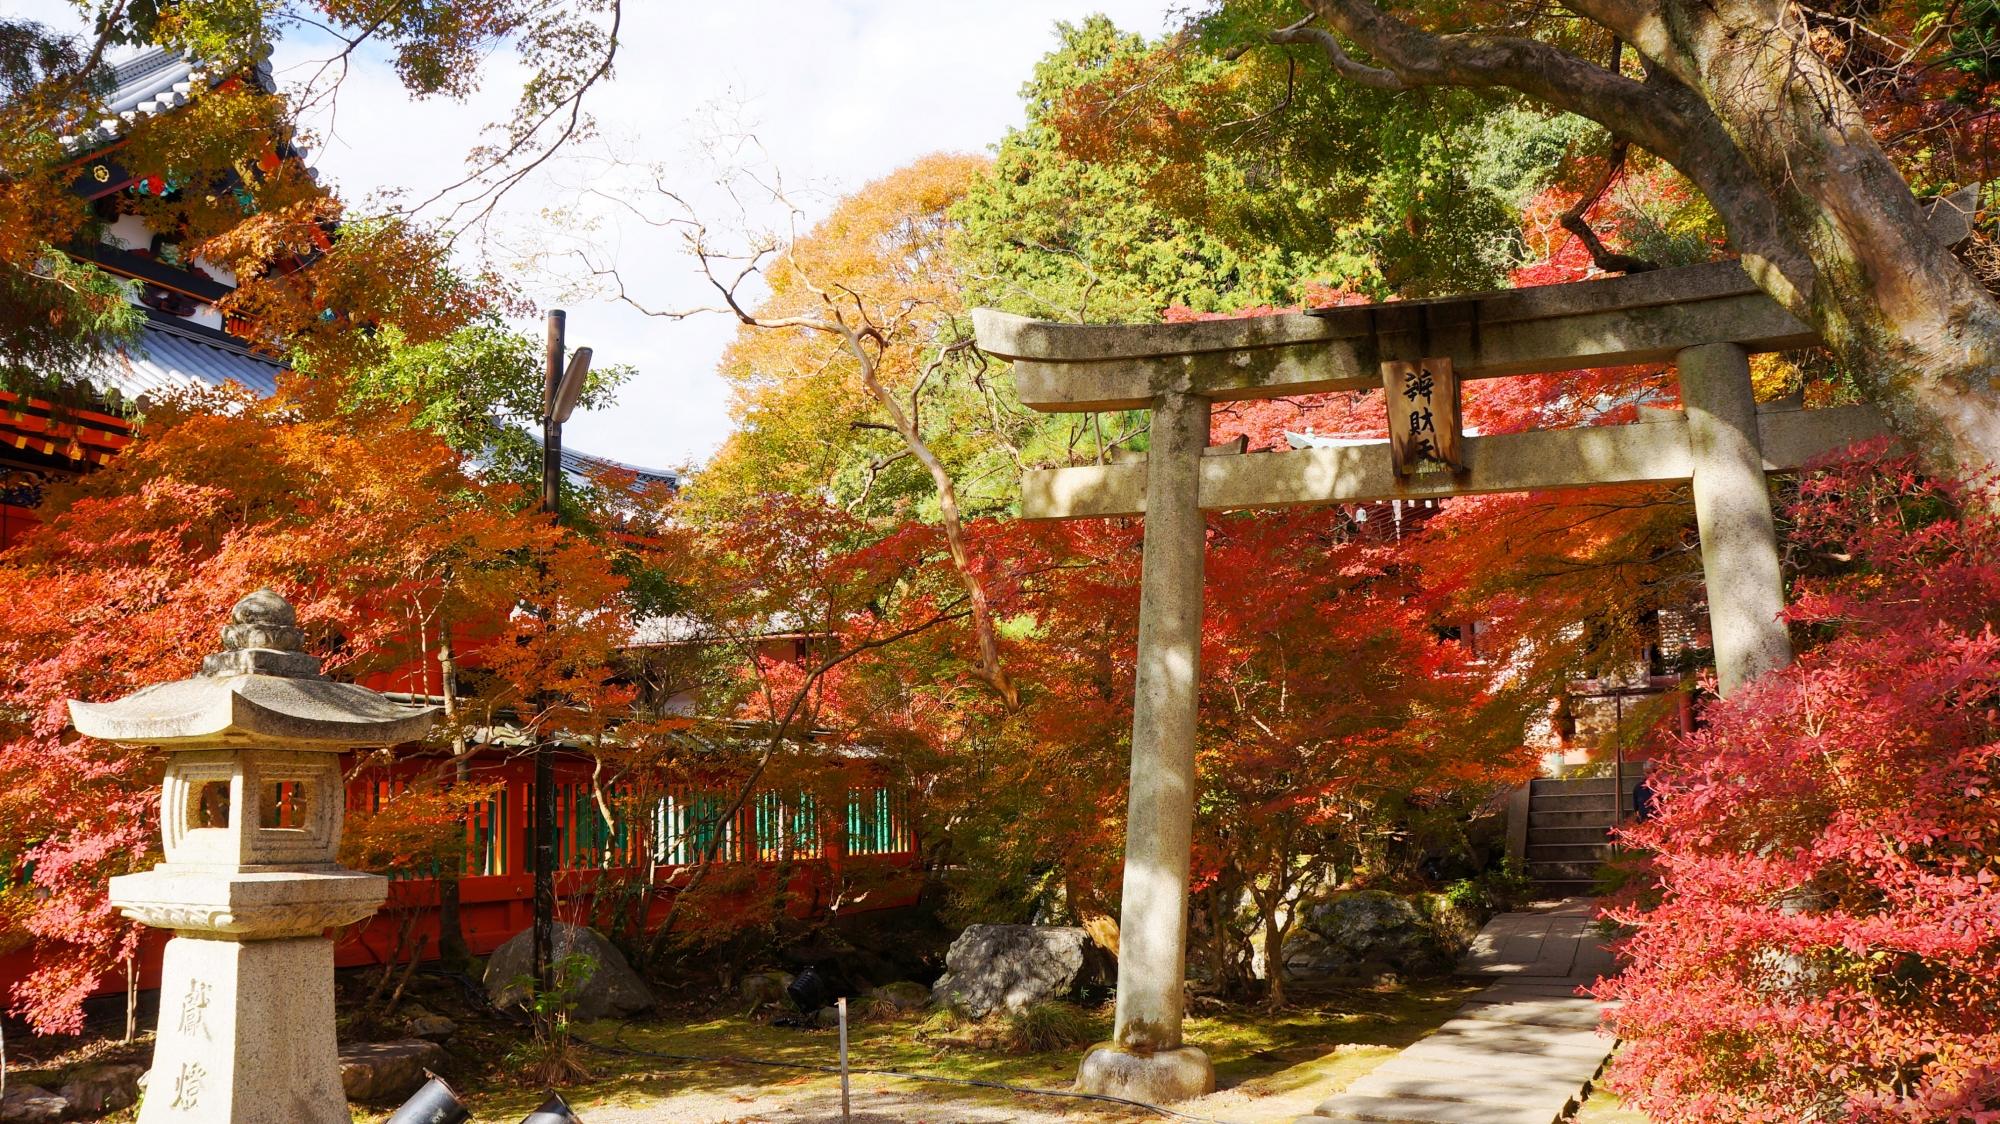 秋色につつまれた毘沙門堂の高台弁才天(弁天堂)と付近の紅葉